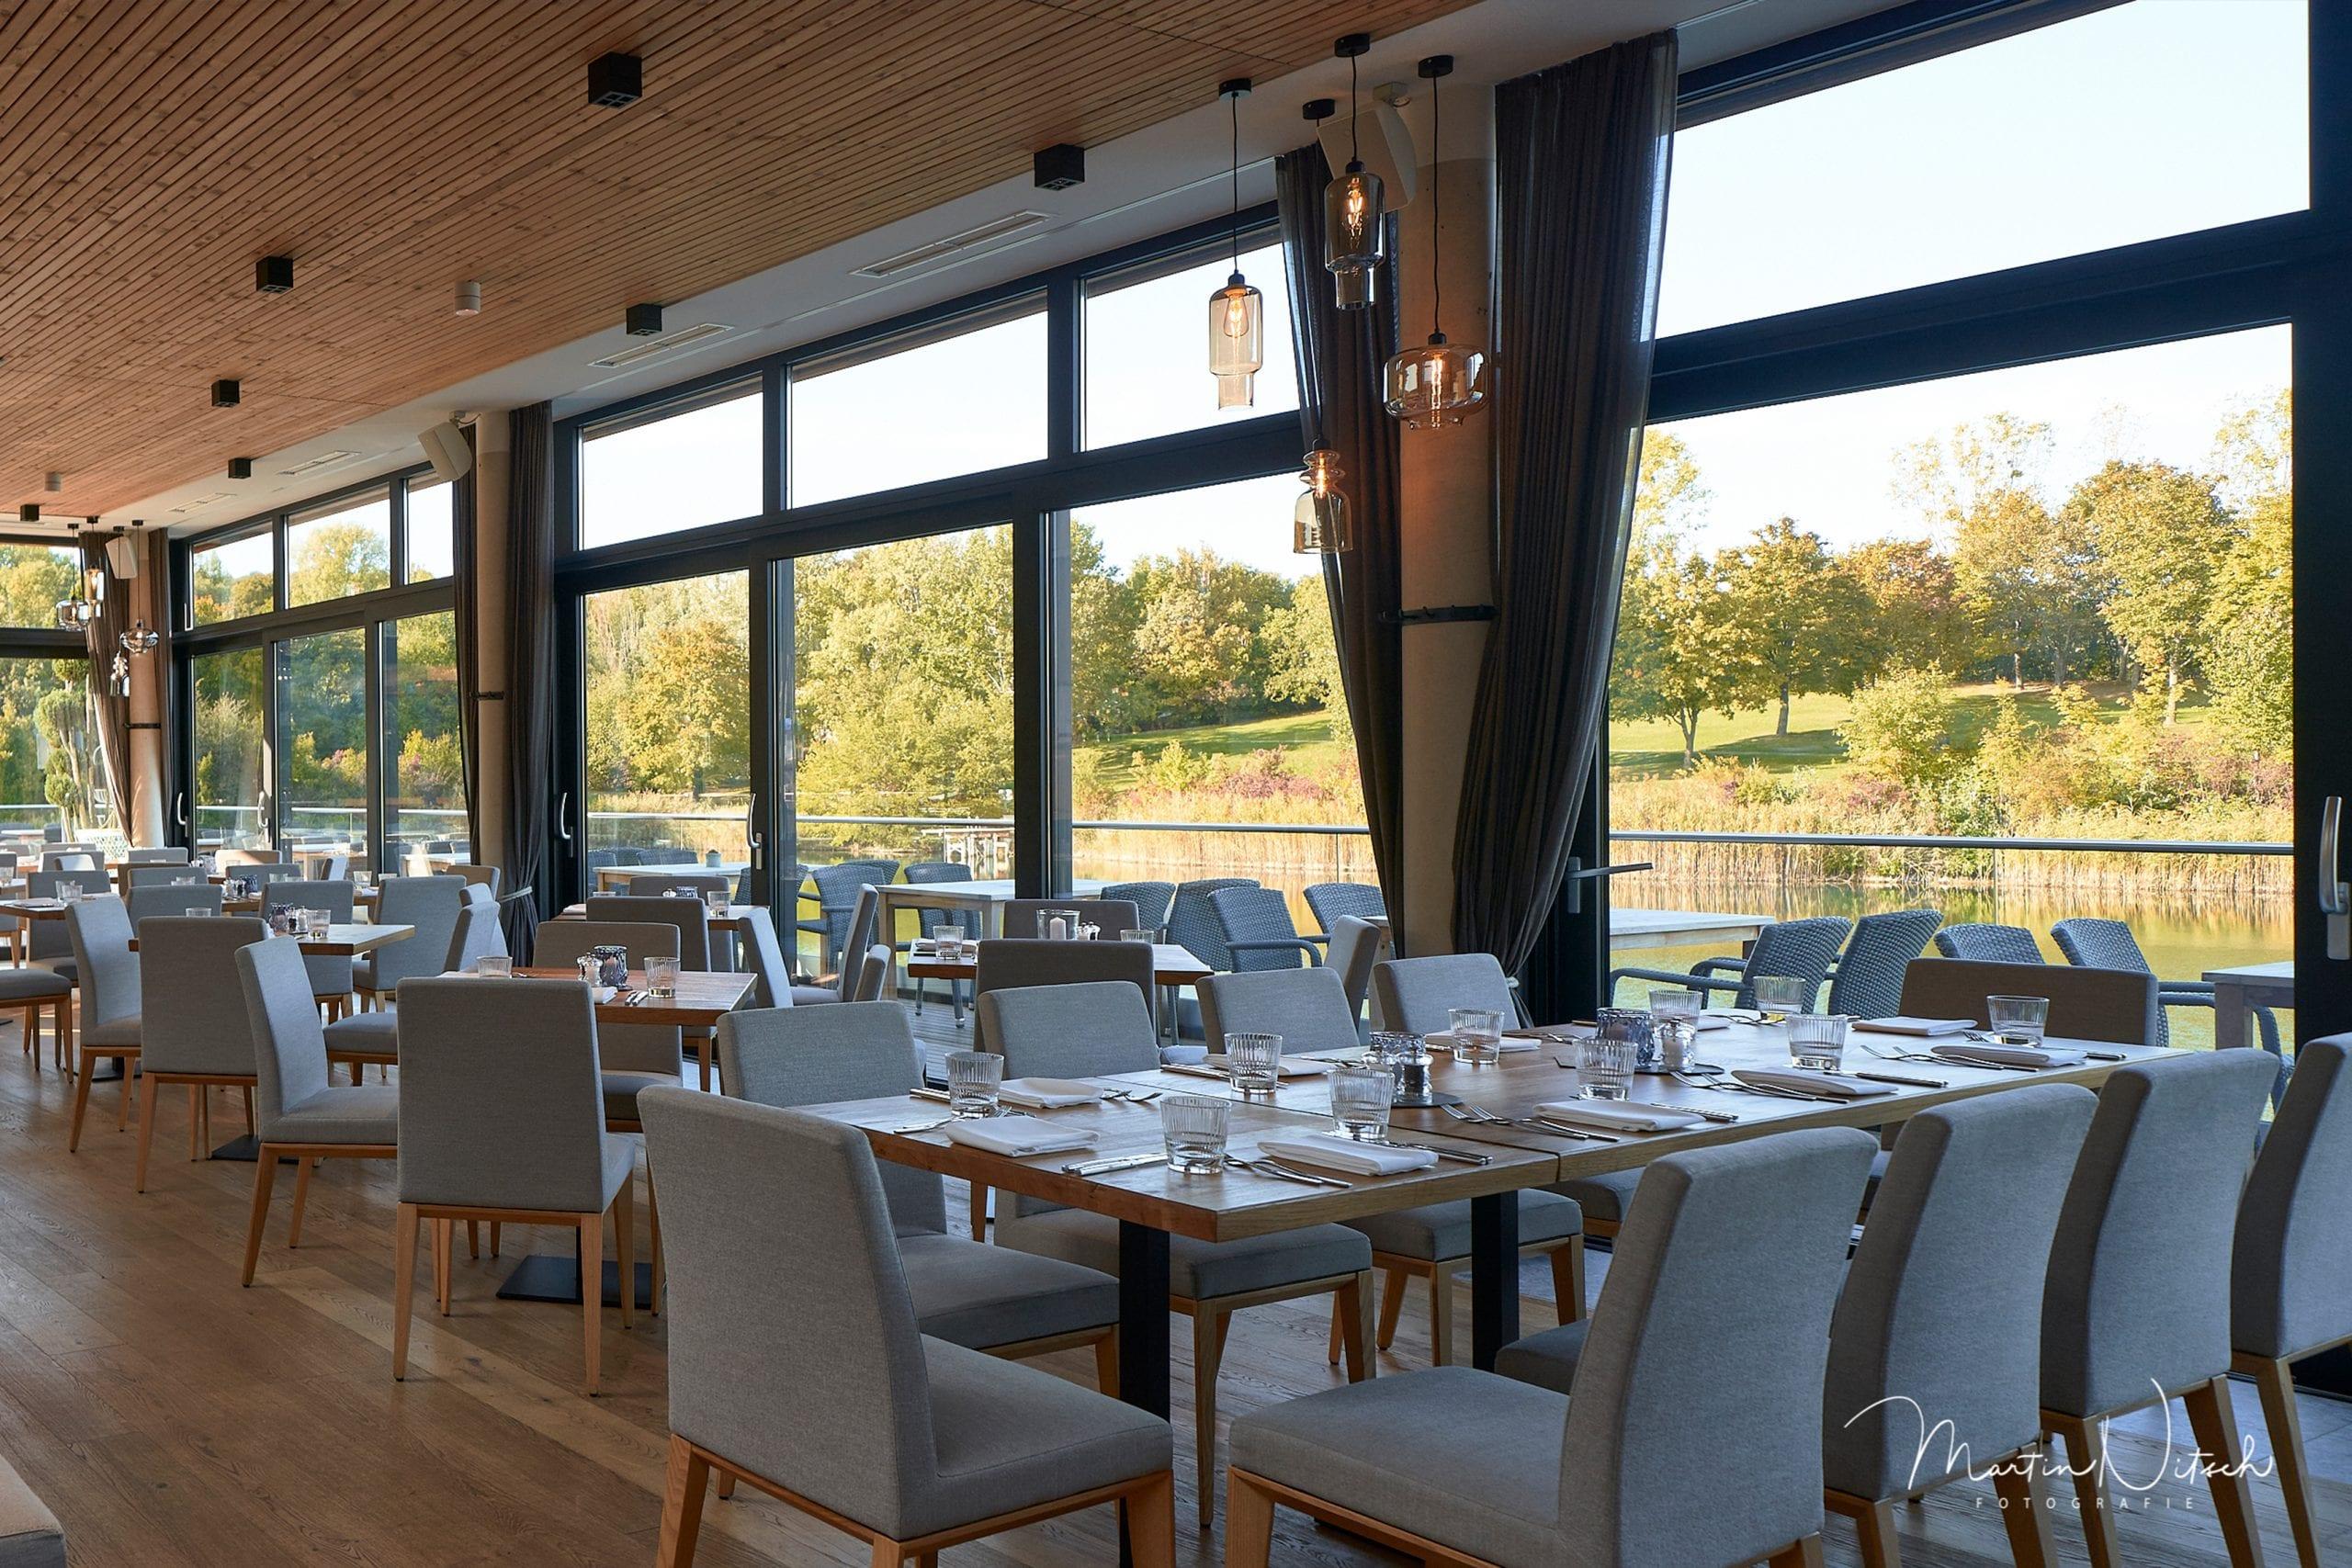 Gedeckte Tische im Innenbereich mit Blick auf den Teich